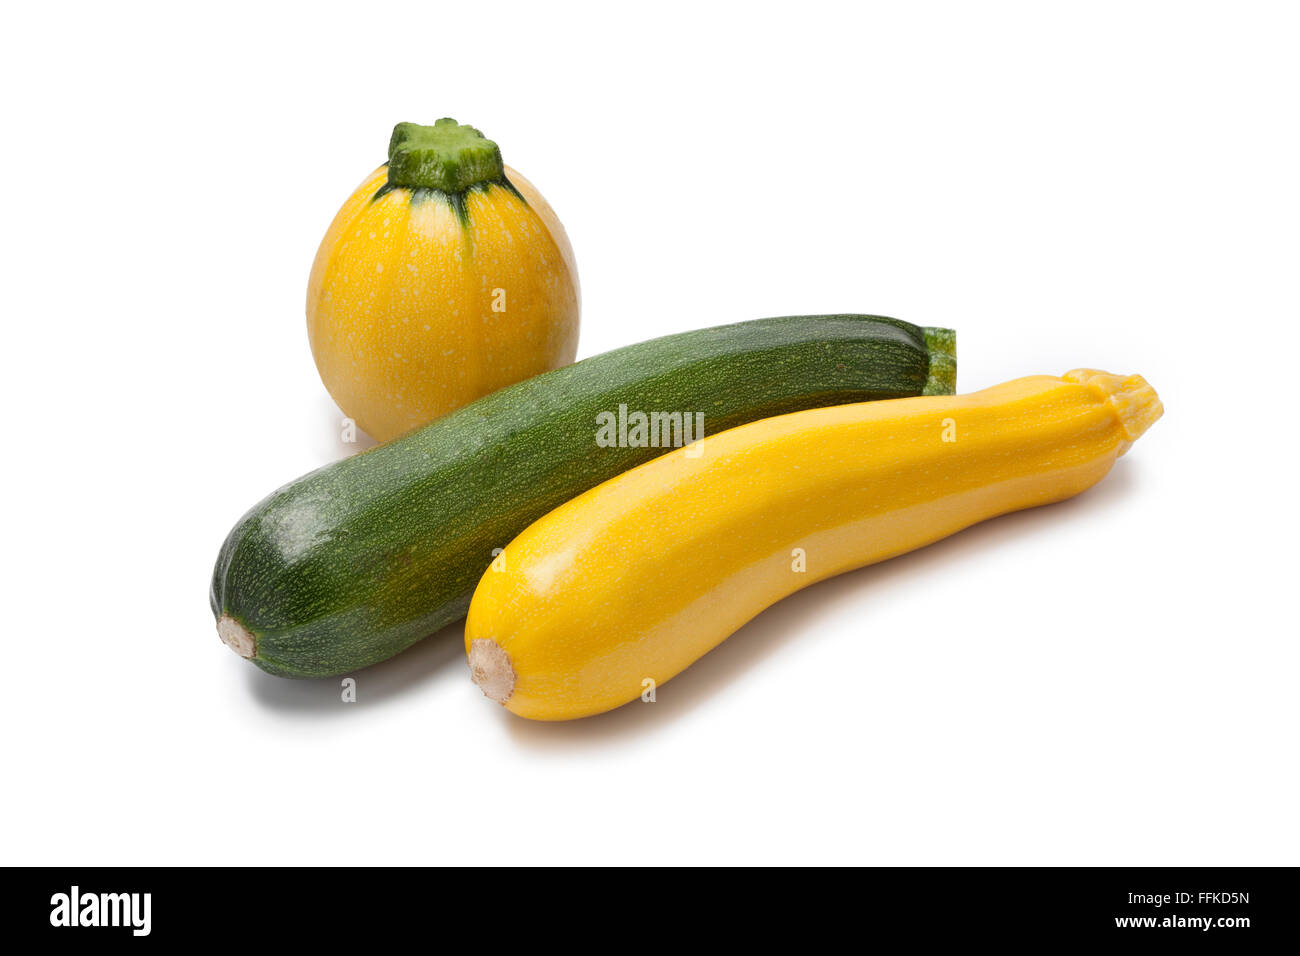 Amarillo, verde y calabacín redondo sobre fondo blanco. Imagen De Stock